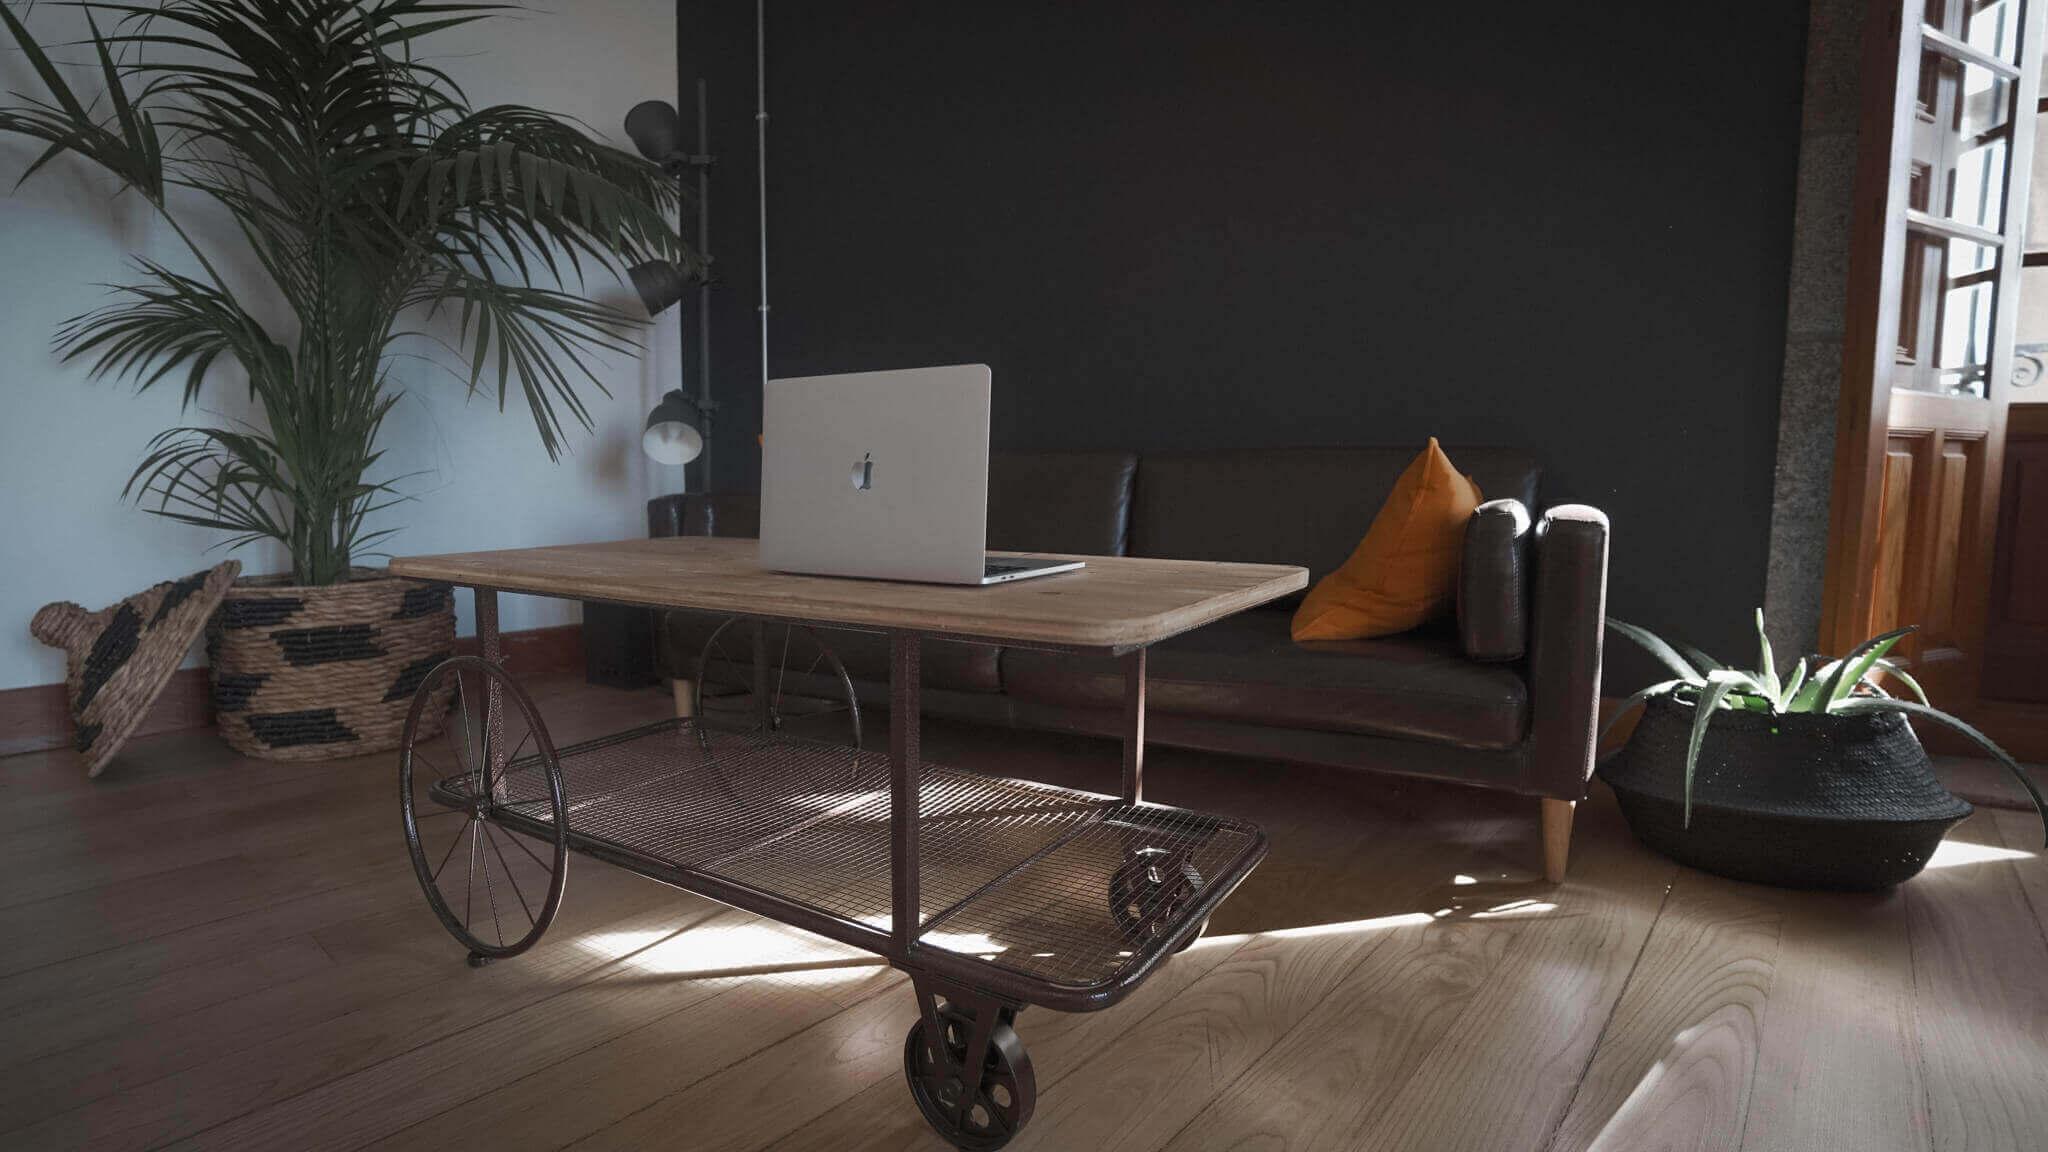 Interior de la oficina de HACK A BOSS en La Coruña. En concreto, una zona de descanso con un sofá y una mesa; además de otros elementos decorativos como plantas y cestas.